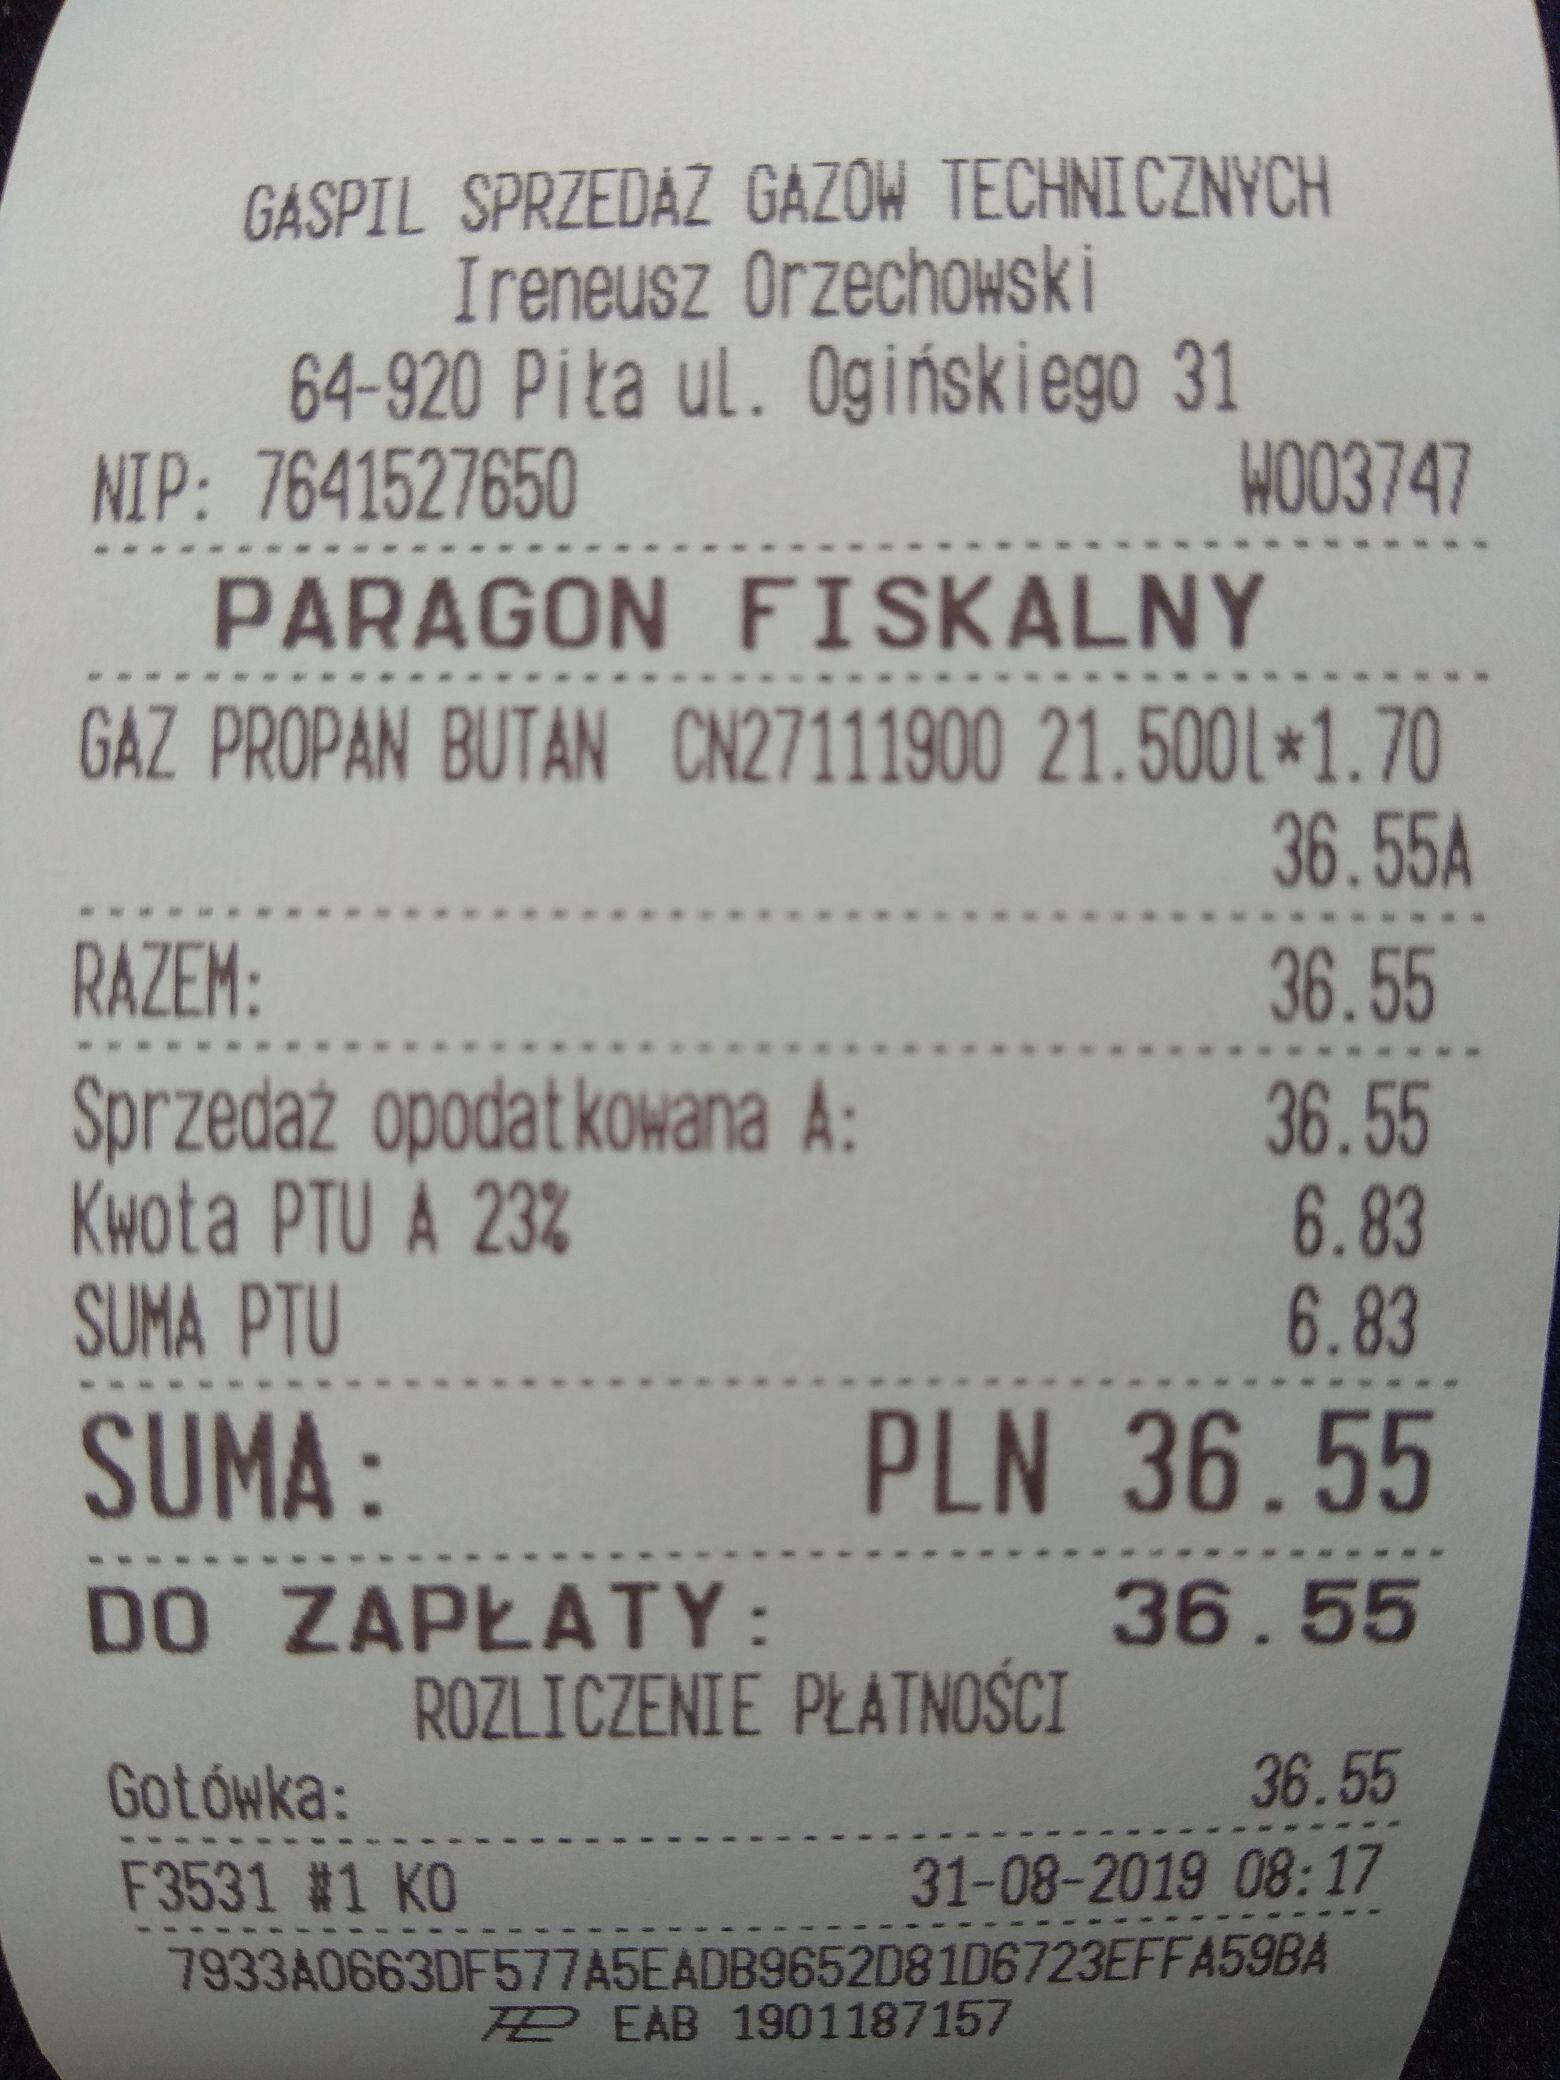 LPG tanio Piła GASPIL